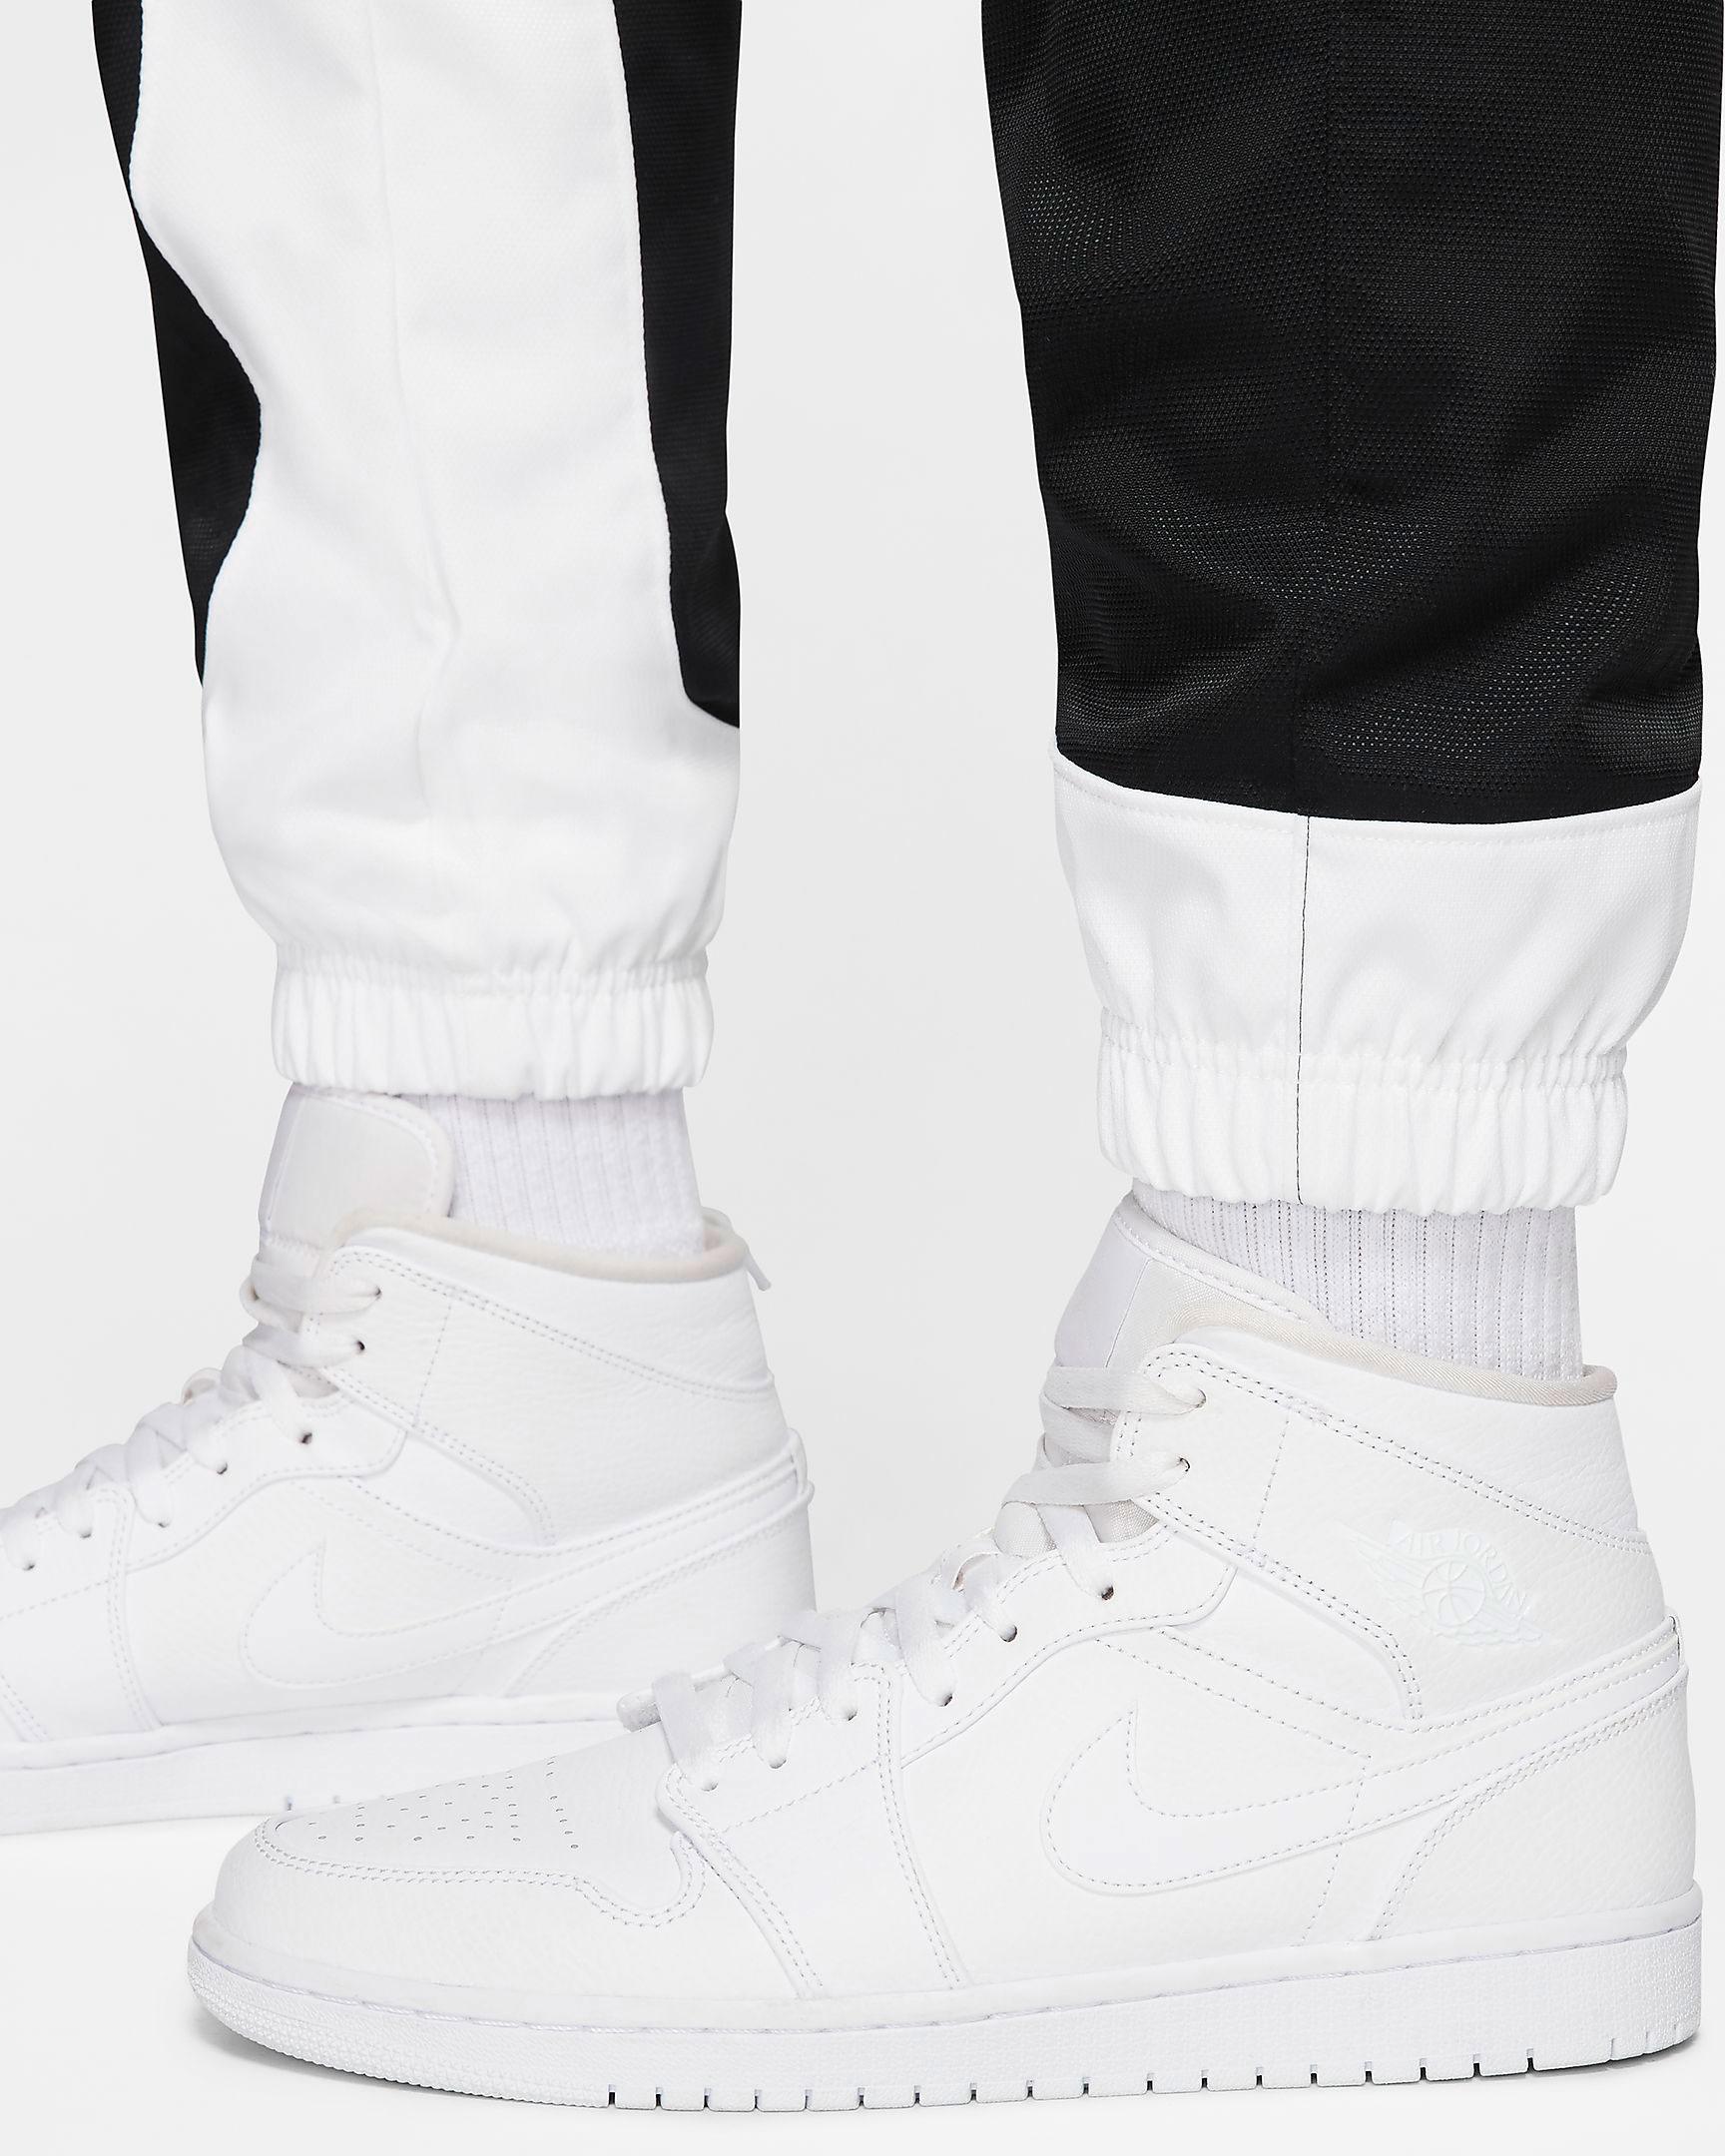 air-jordan-11-bred-2019-pants-6